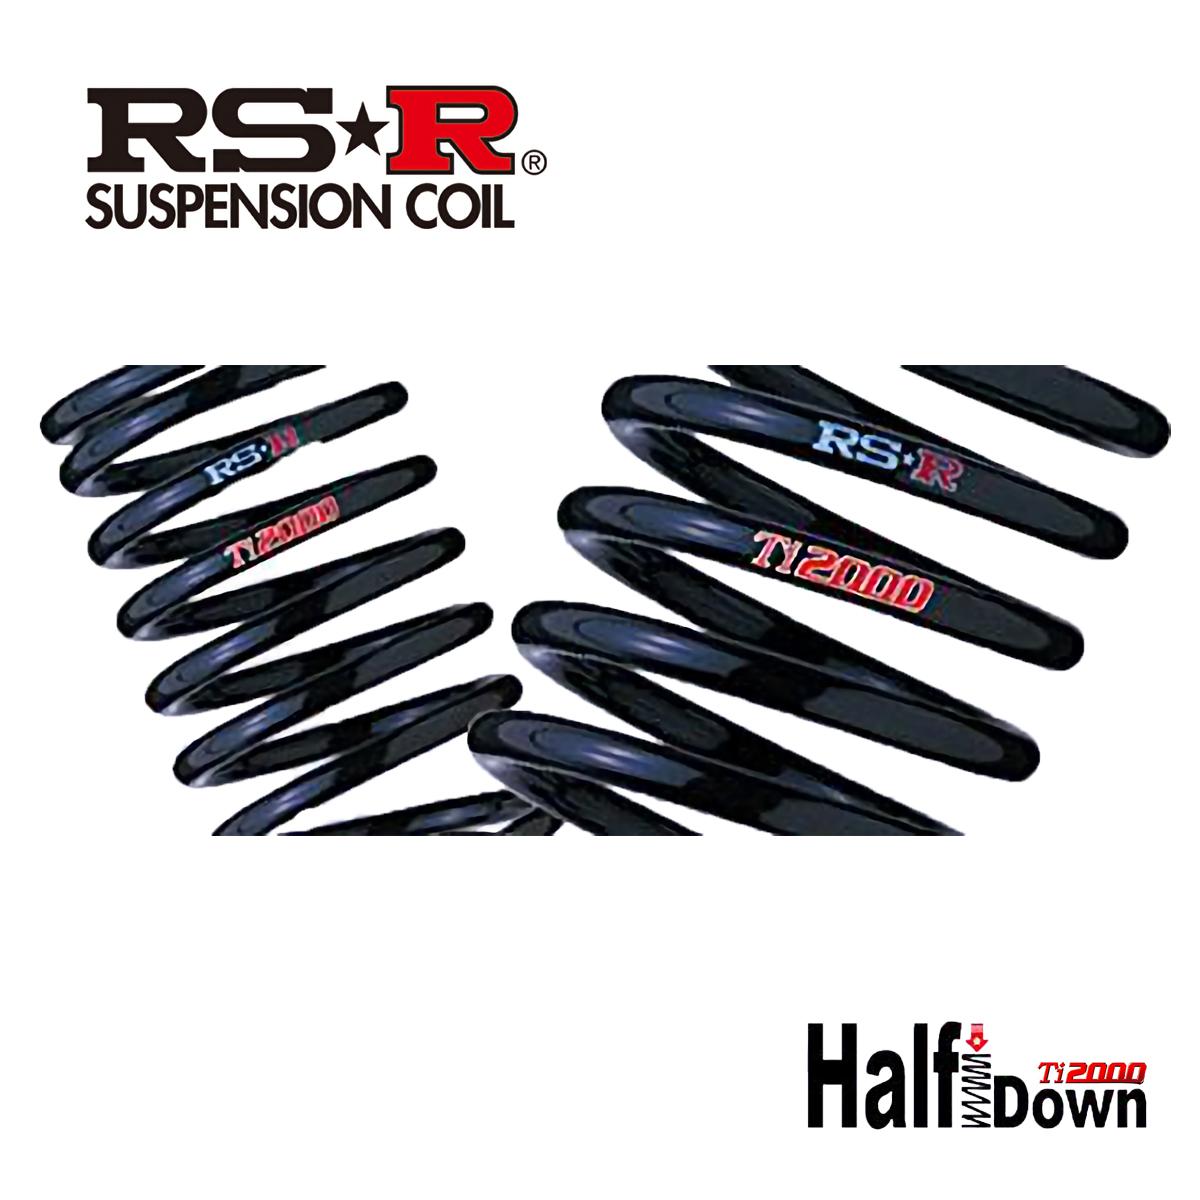 RS-R カローラツーリング ZWE211W ハイブリッド S ダウンサス スプリング フロント T814THDF Ti2000 ハーフダウン RSR 個人宅発送追金有